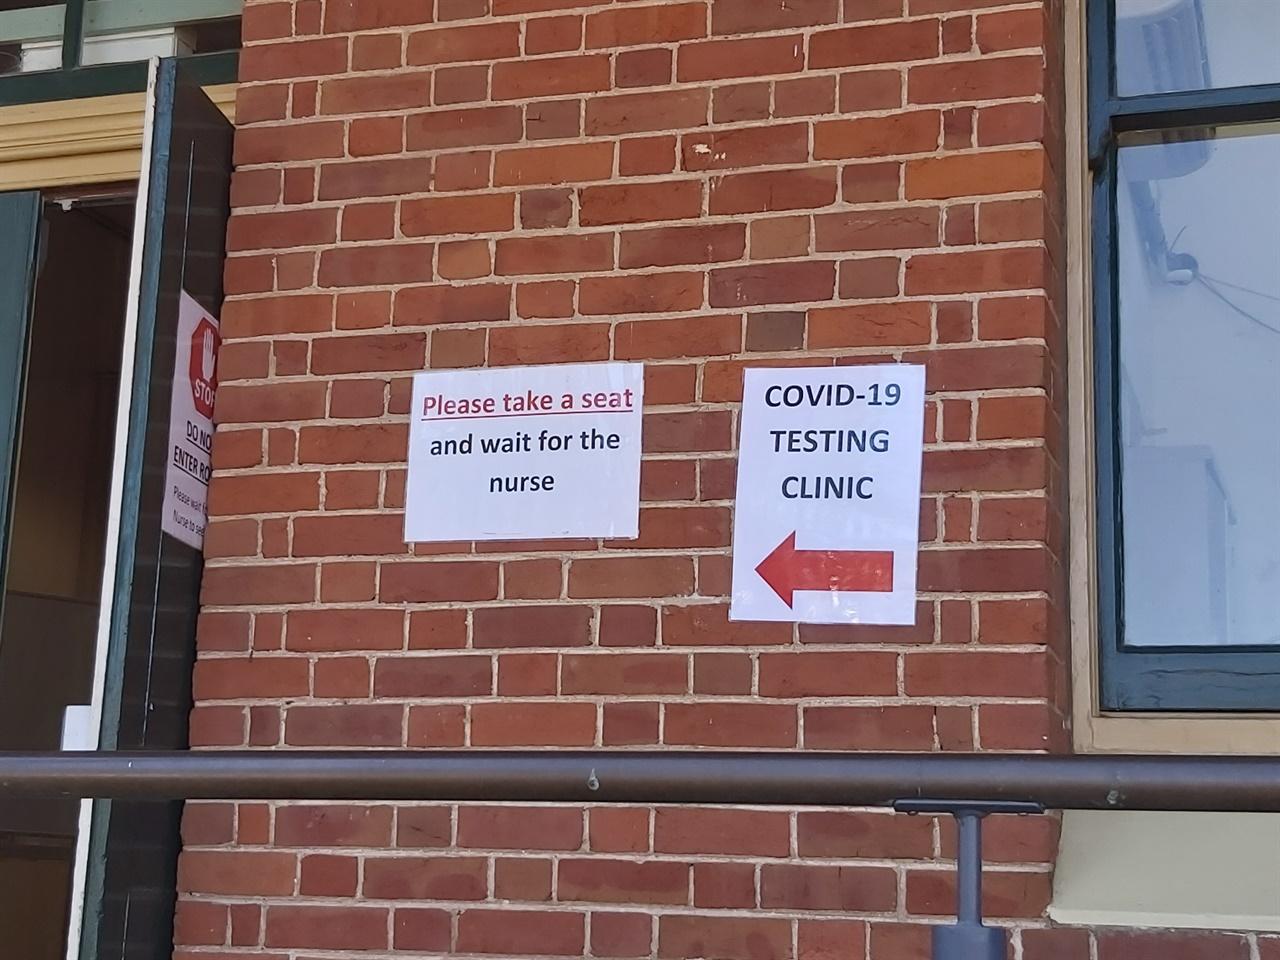 호주 정부는 코로나 바이러스 검사 기관을 지정해 빠른 검사가 이뤄지도록 돕고 있다.